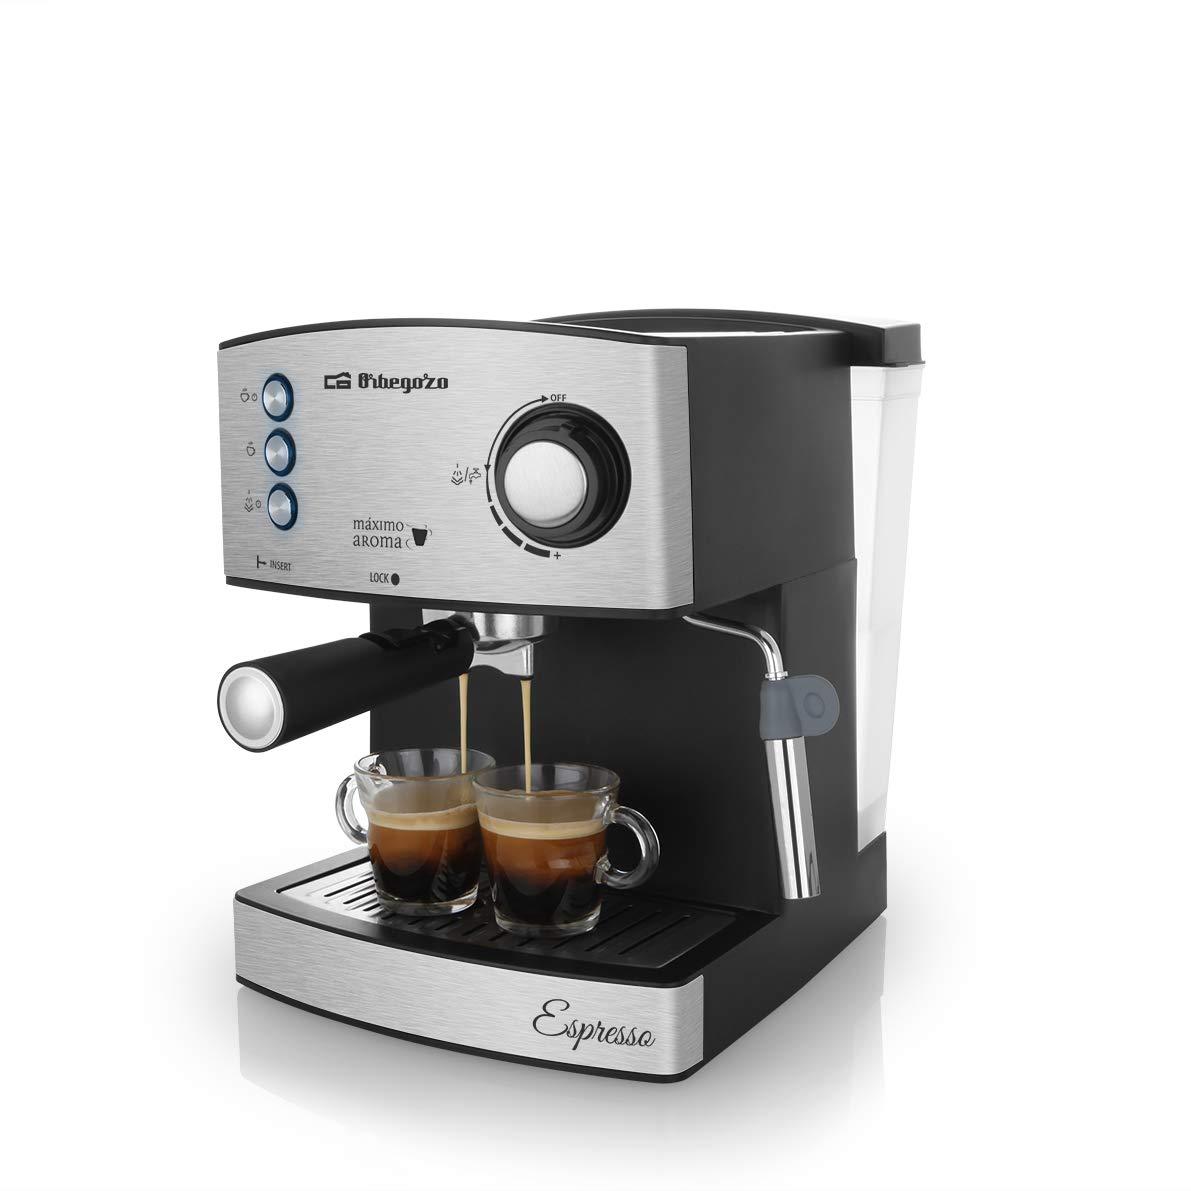 Orbegozo EX 3050 Cafetera Espresso con Bomba Italiana de 20 Bares de presión, Frontal de Acero Inoxidable, 850 W, Negro Mate